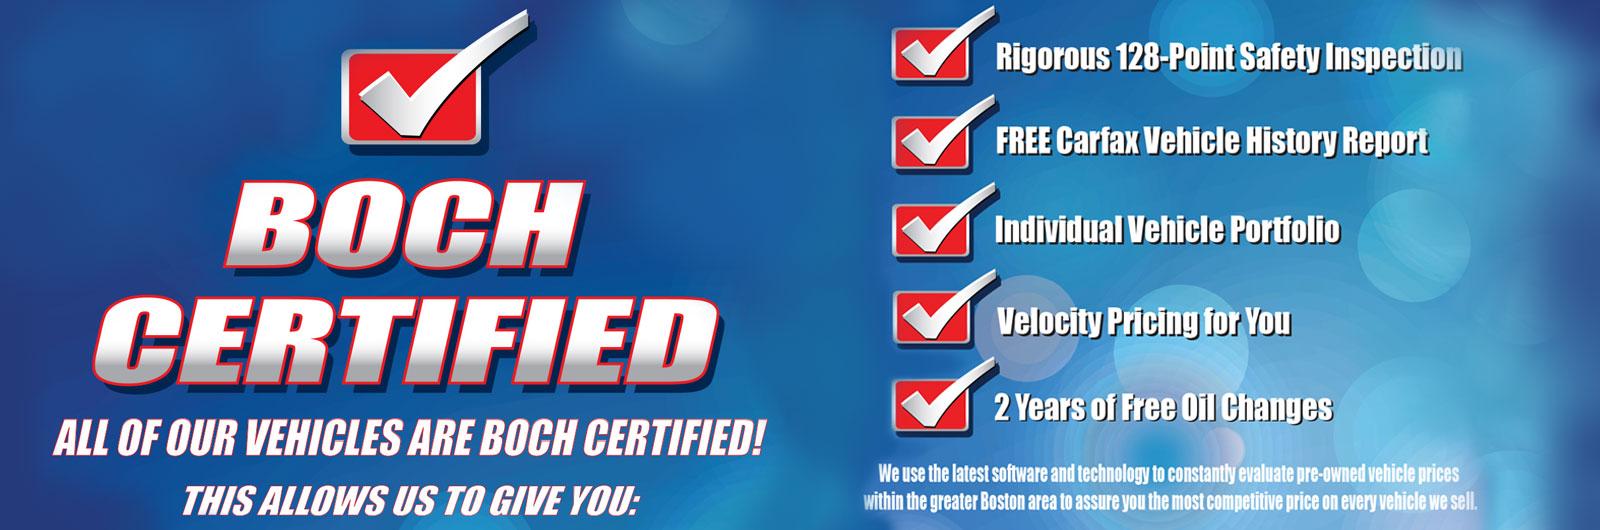 Boch Certified